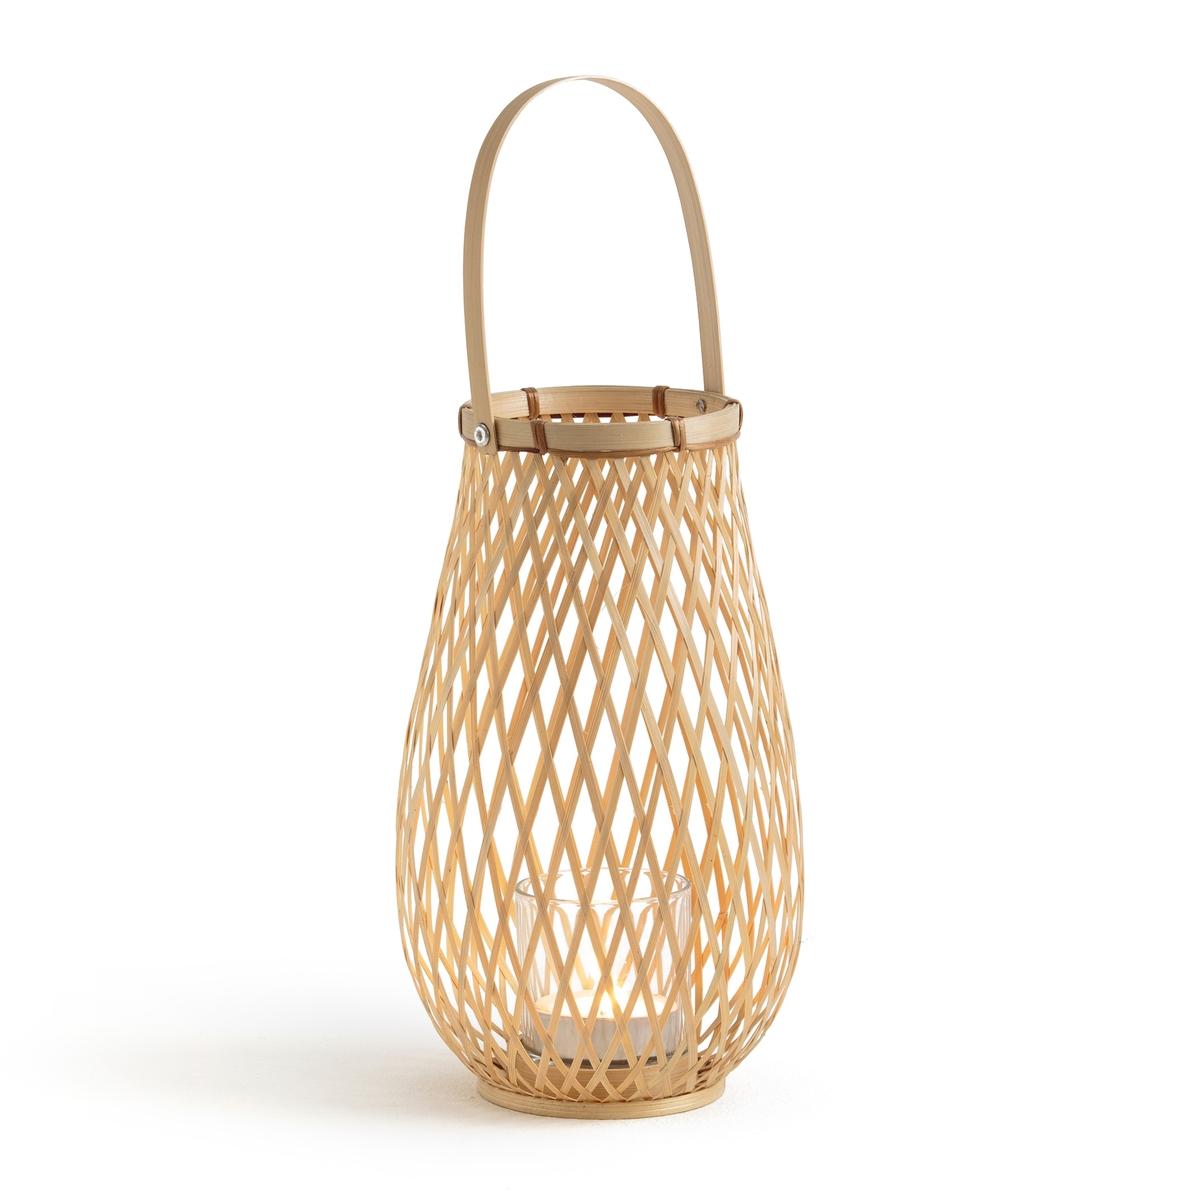 Подсвечник La Redoute Из бамбука Tully единый размер бежевый